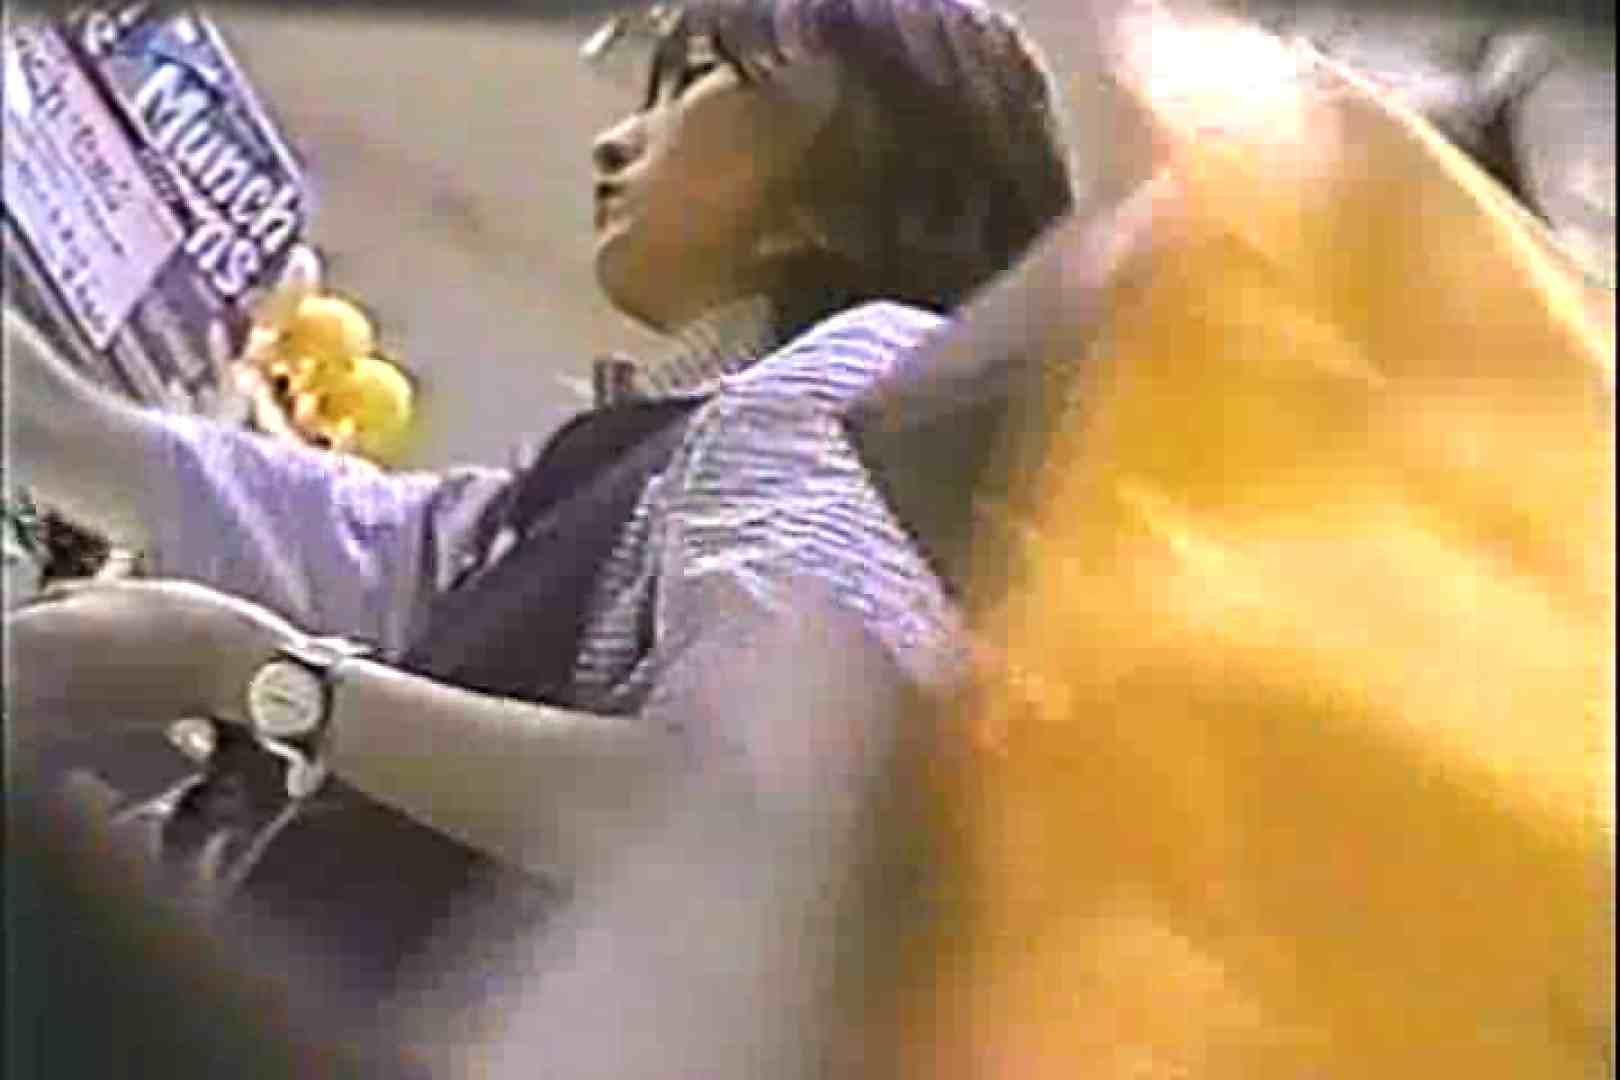 「ちくりん」さんのオリジナル未編集パンチラVol.3_01 レースクイーン 盗撮AV動画キャプチャ 100画像 59